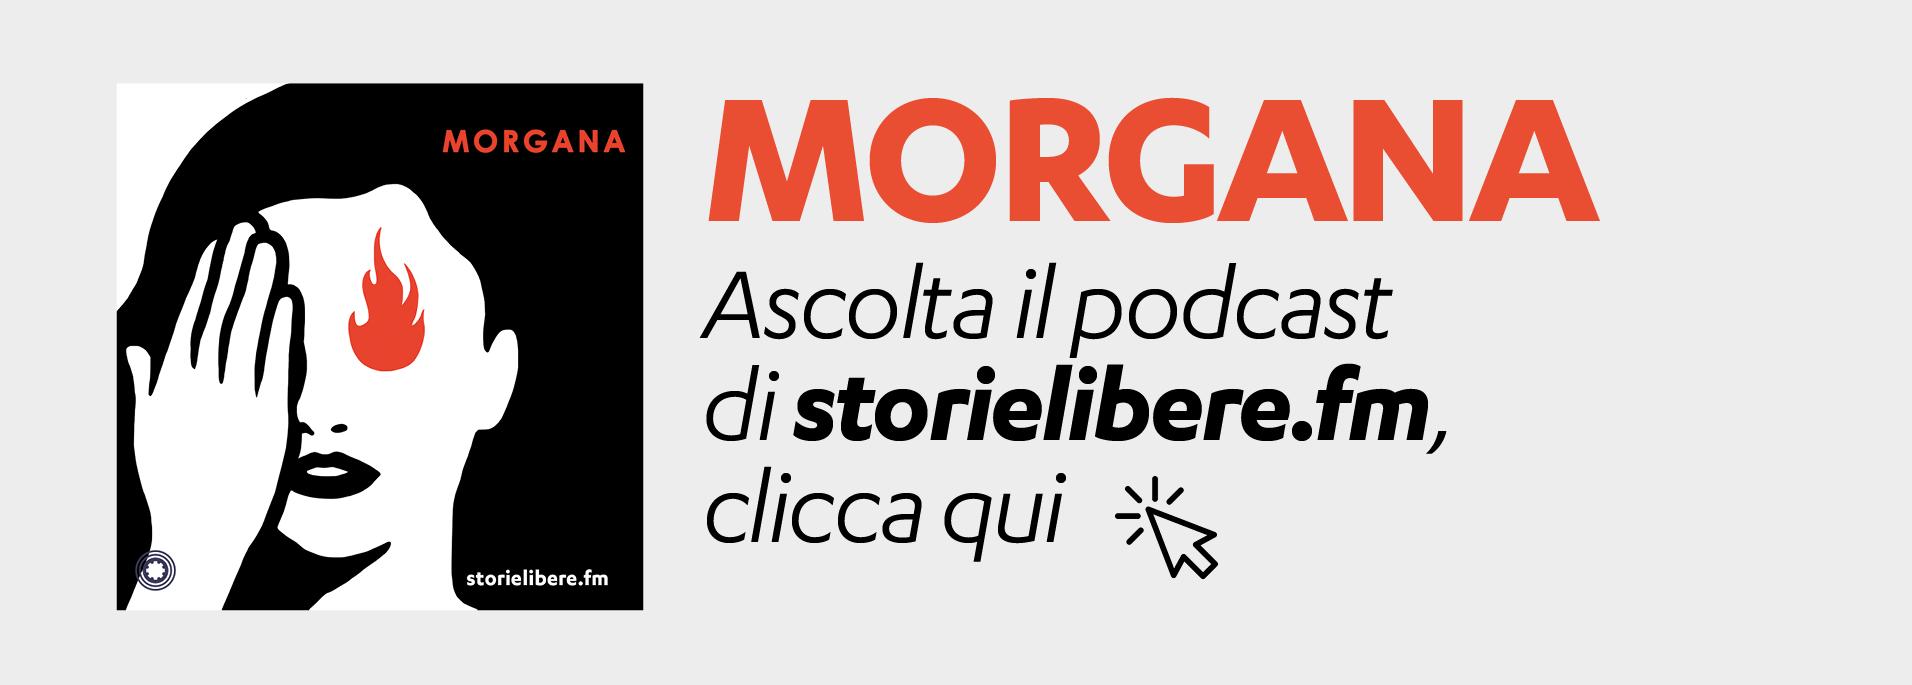 Ascolta e i podcast di Morgana su StorieLibere.fm